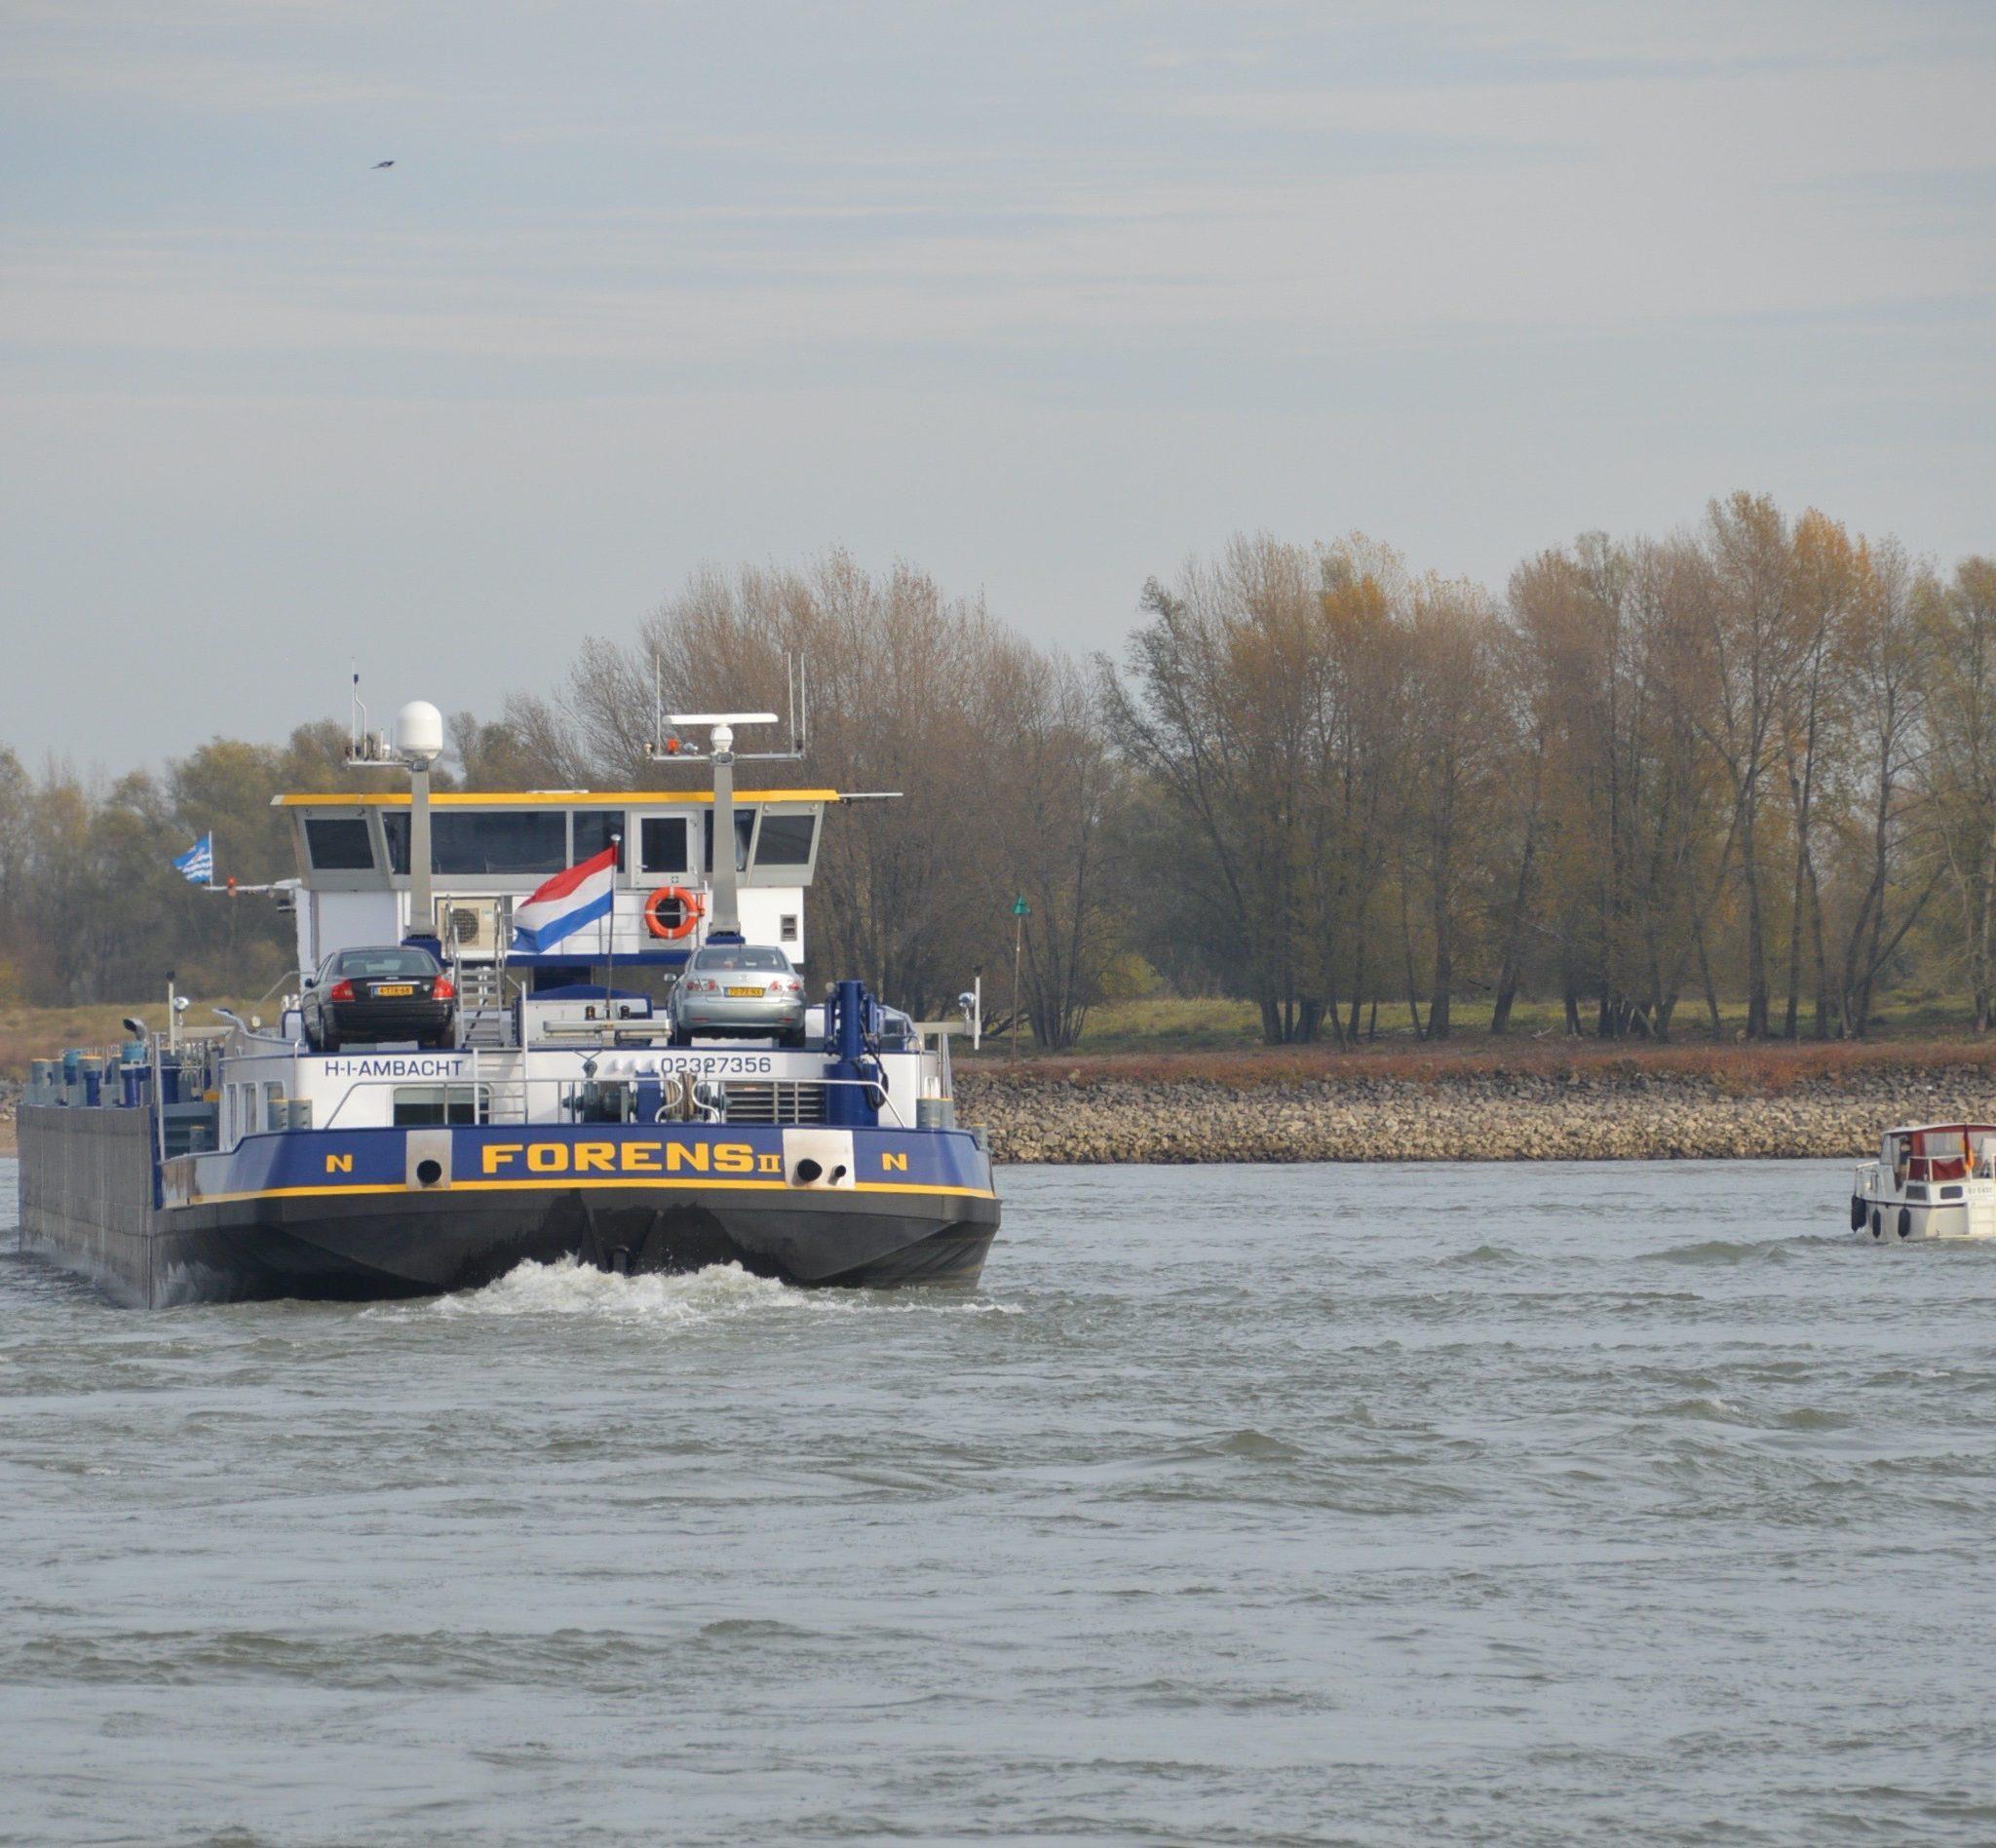 Het grote schip moet dus een geschikte weg vrijlaten voor dat kleine vaartuig. (Foto Sander Wels)